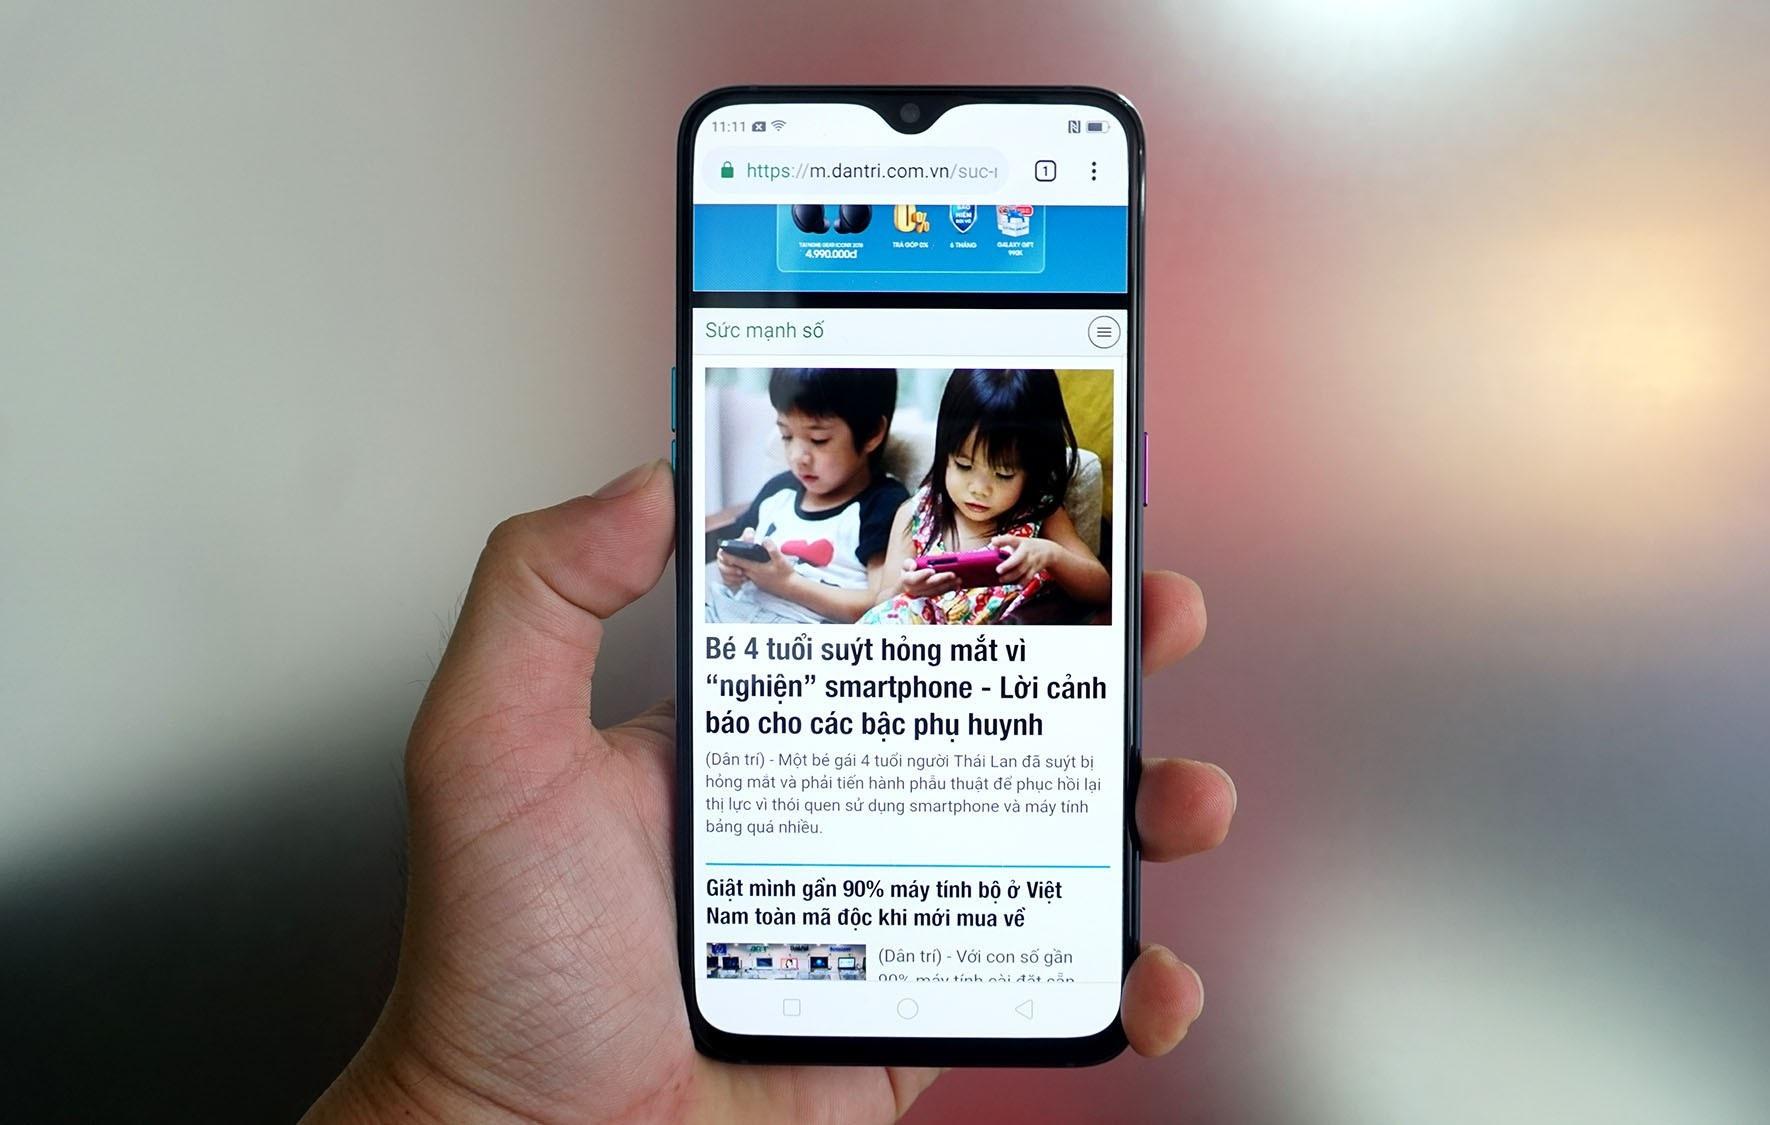 Samsung Galaxy A9- smartphone cận cao cấp được độc giả Dân trí bình chọn nhiều nhất - Ảnh 6.